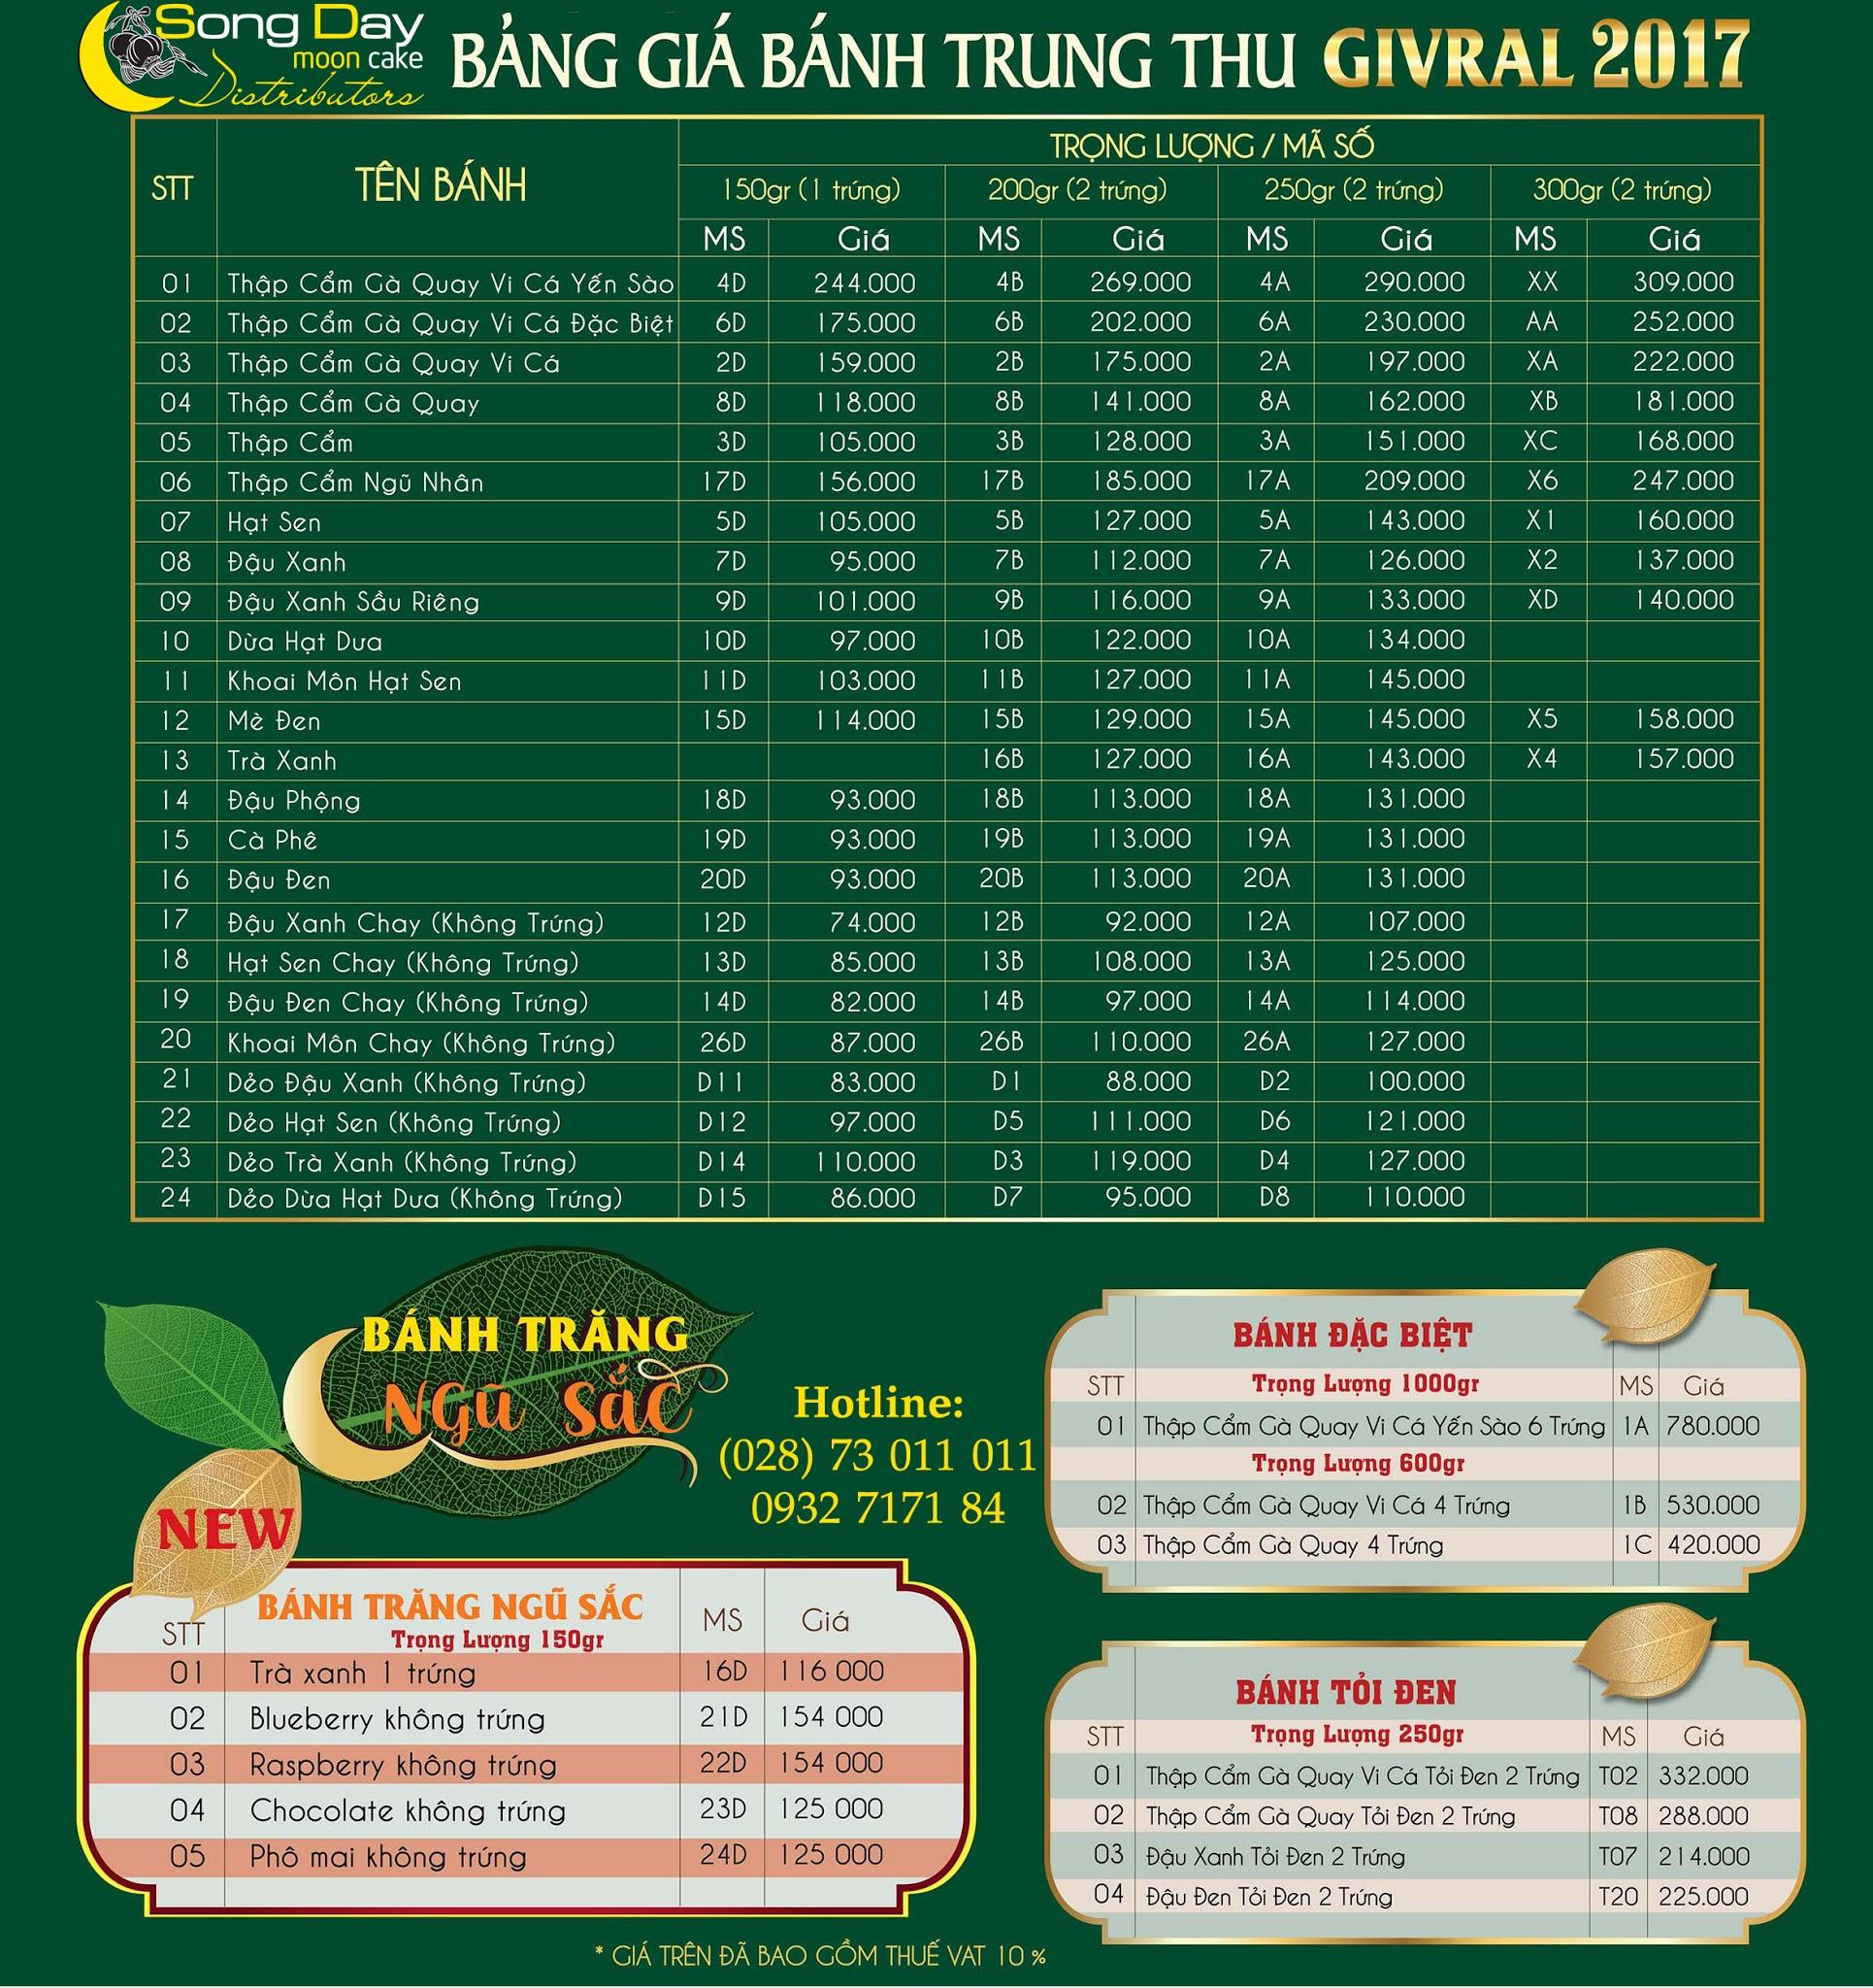 Bảng giá bánh trung thu Givral 2017 chính thức TPHCM Bang-gia-banh-trung-thu-givral-2017